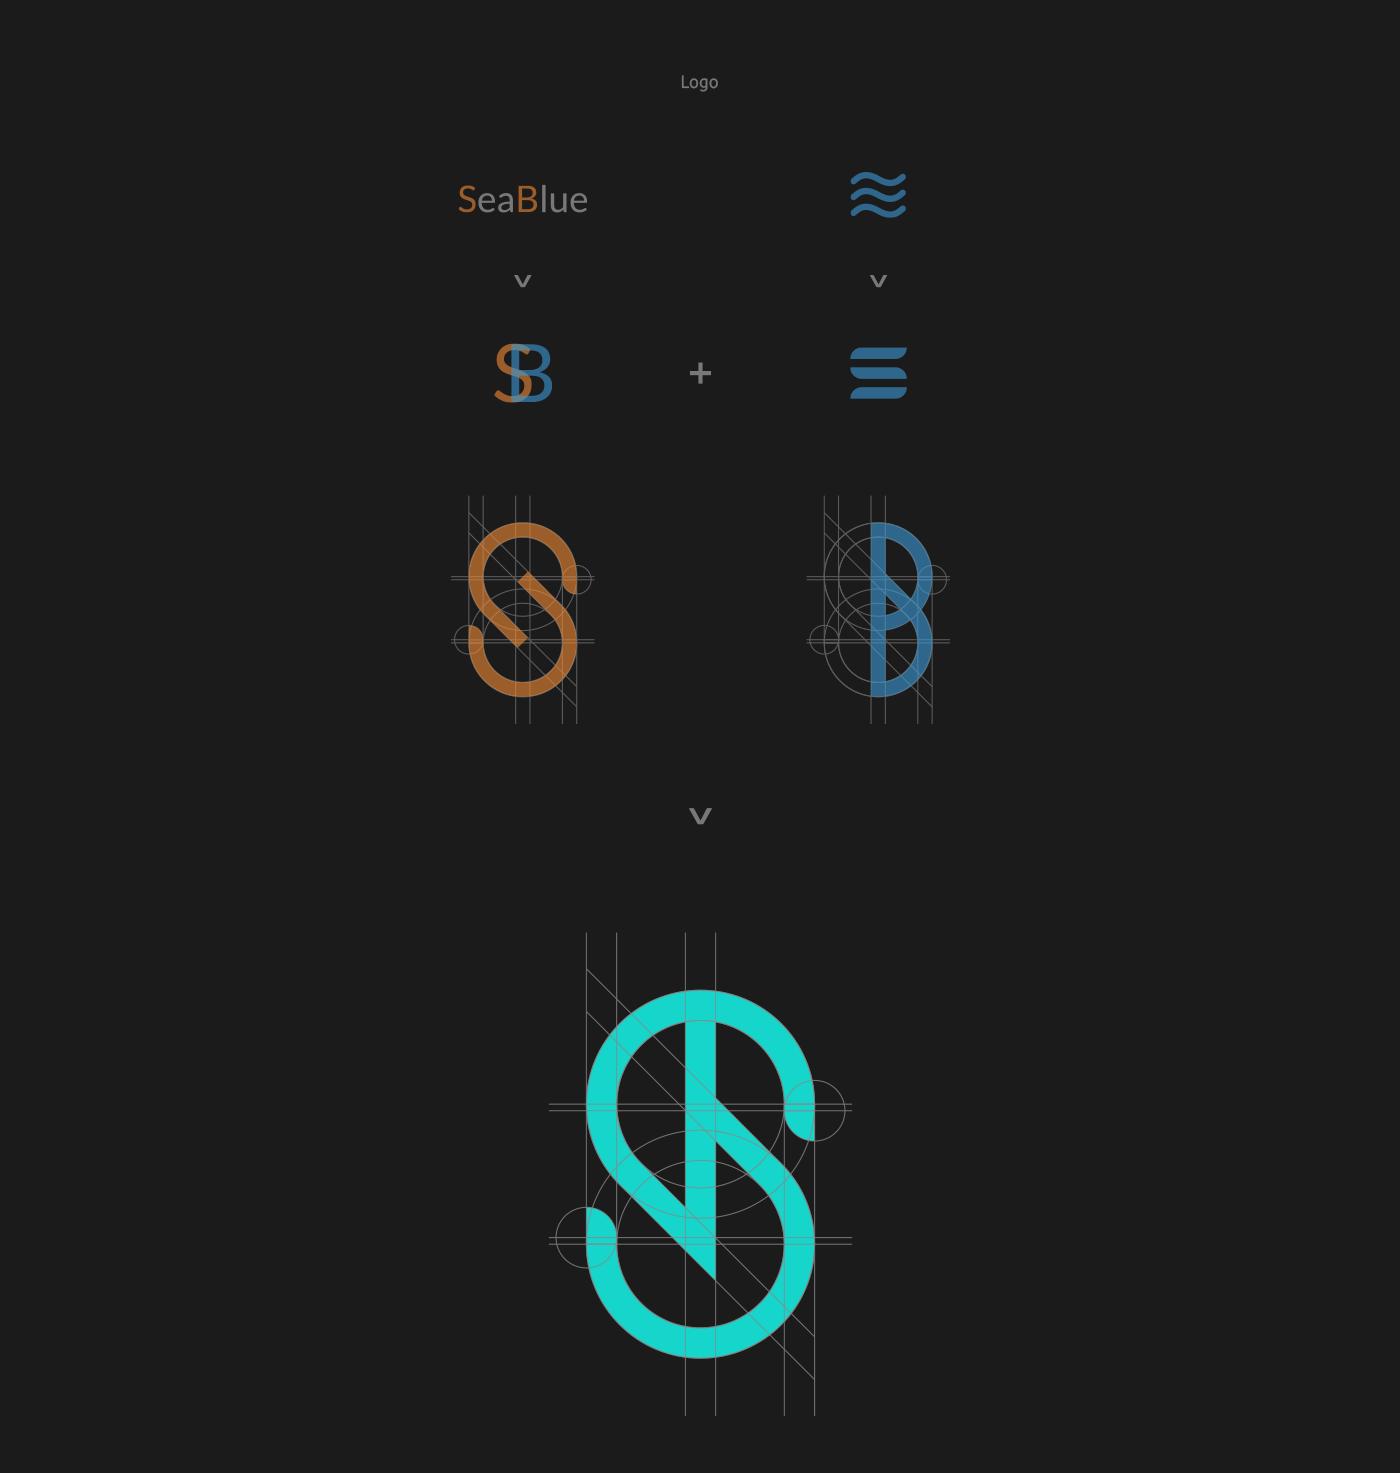 Web sea blue logo VI rwd anchor phone ferry black